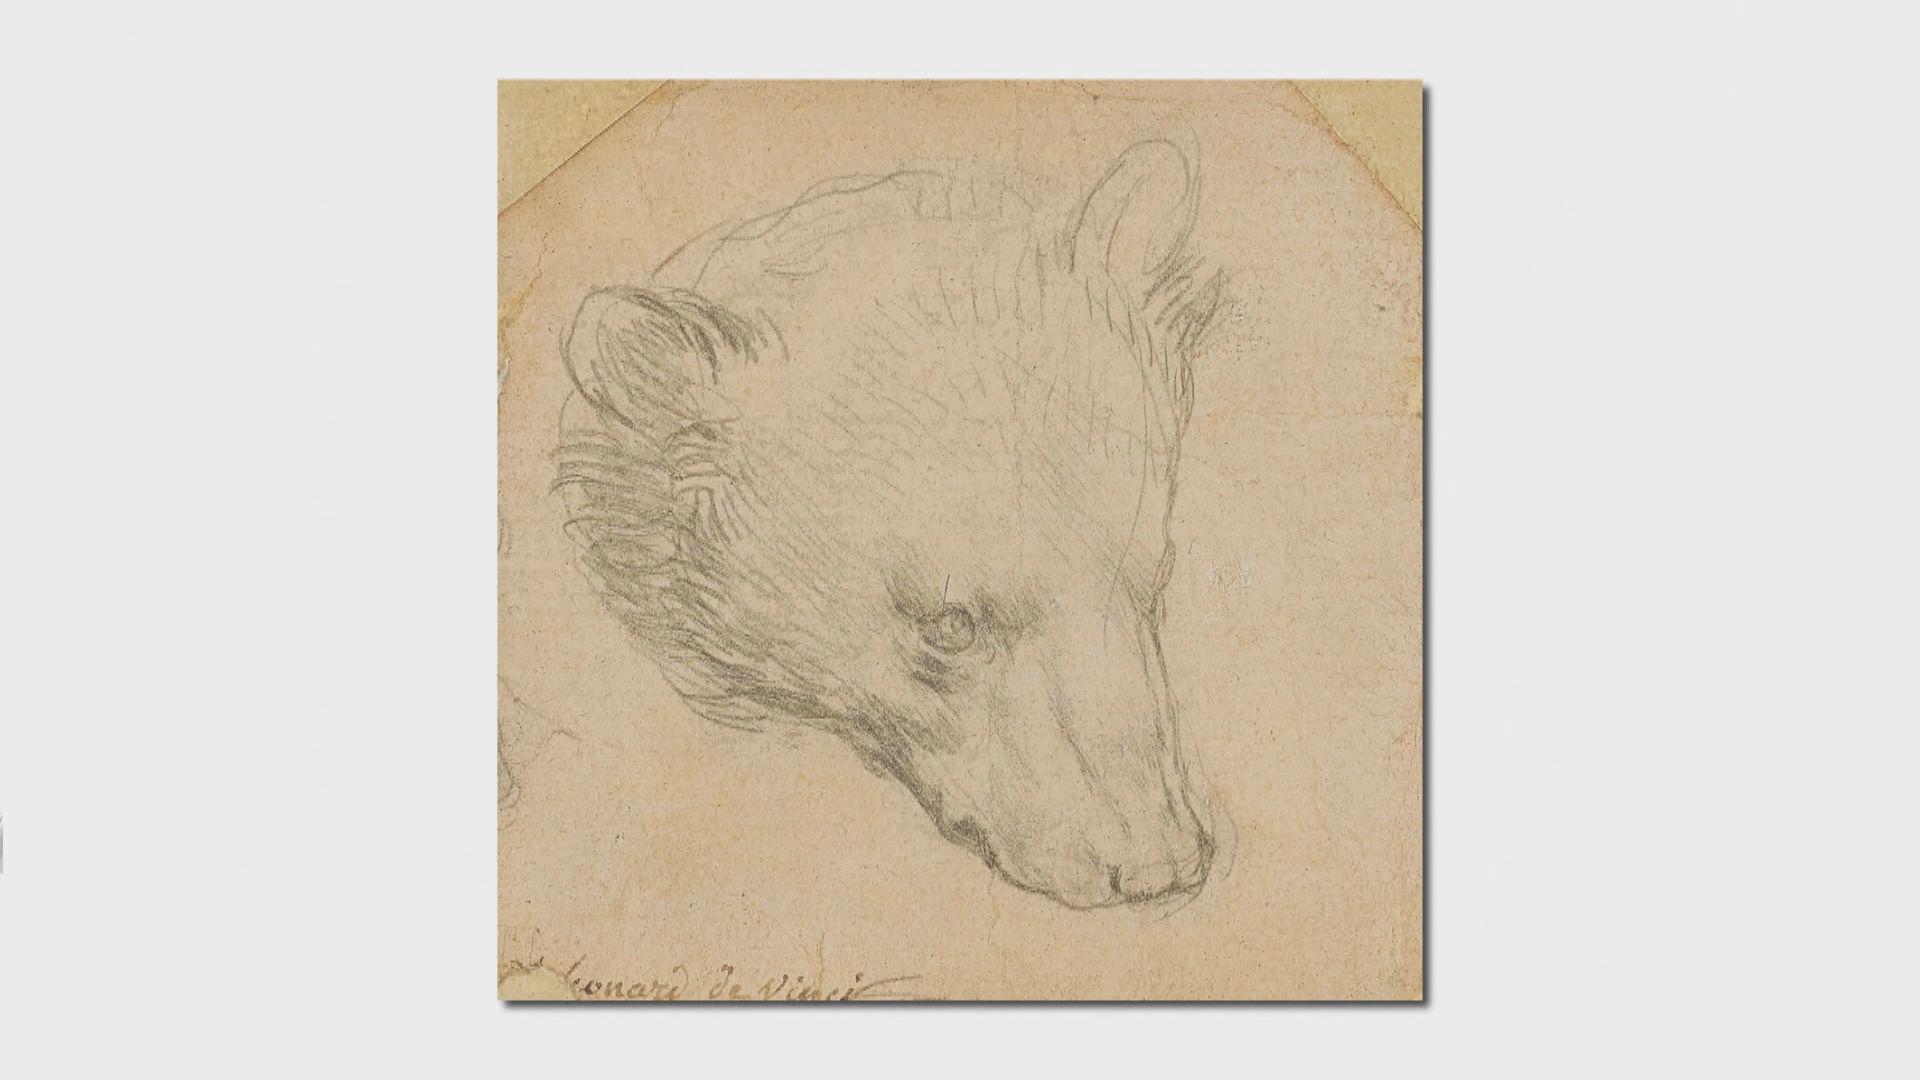 【環球薈報】達文西小型畫作《熊頭》逾1200萬美元成交